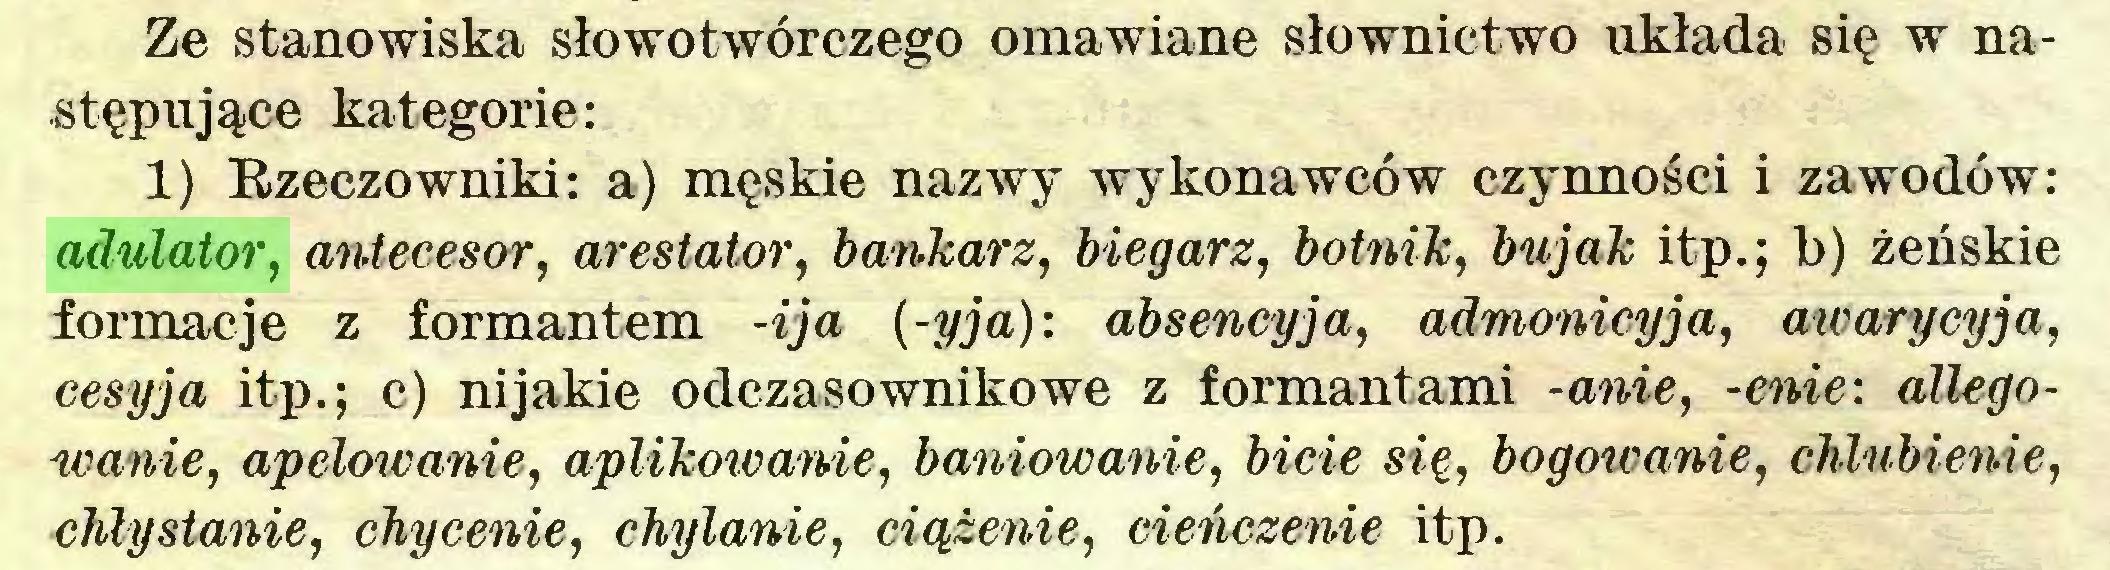 (...) Ze stanowiska słowotwórczego omawiane słownictwo układa się w następujące kategorie: 1) Rzeczowniki: a) męskie nazwy wykonawców czynności i zawodów: adulator, antecesor, arestator, bankarz, biegarz, botnik, bujak itp.; b) żeńskie formacje z formantem -ija (-yja): absencyja, admonicyja, awarycyja, cesyja itp.; c) nijakie odczasownikowe z formantami -anie, -enie: allegoU'anie, apelowanie, aplikowanie, baniowanie, bicie się, bogowanie, chlubienie, chlystanie, chycenie, chylanie, ciążenie, cieńczenie itp...